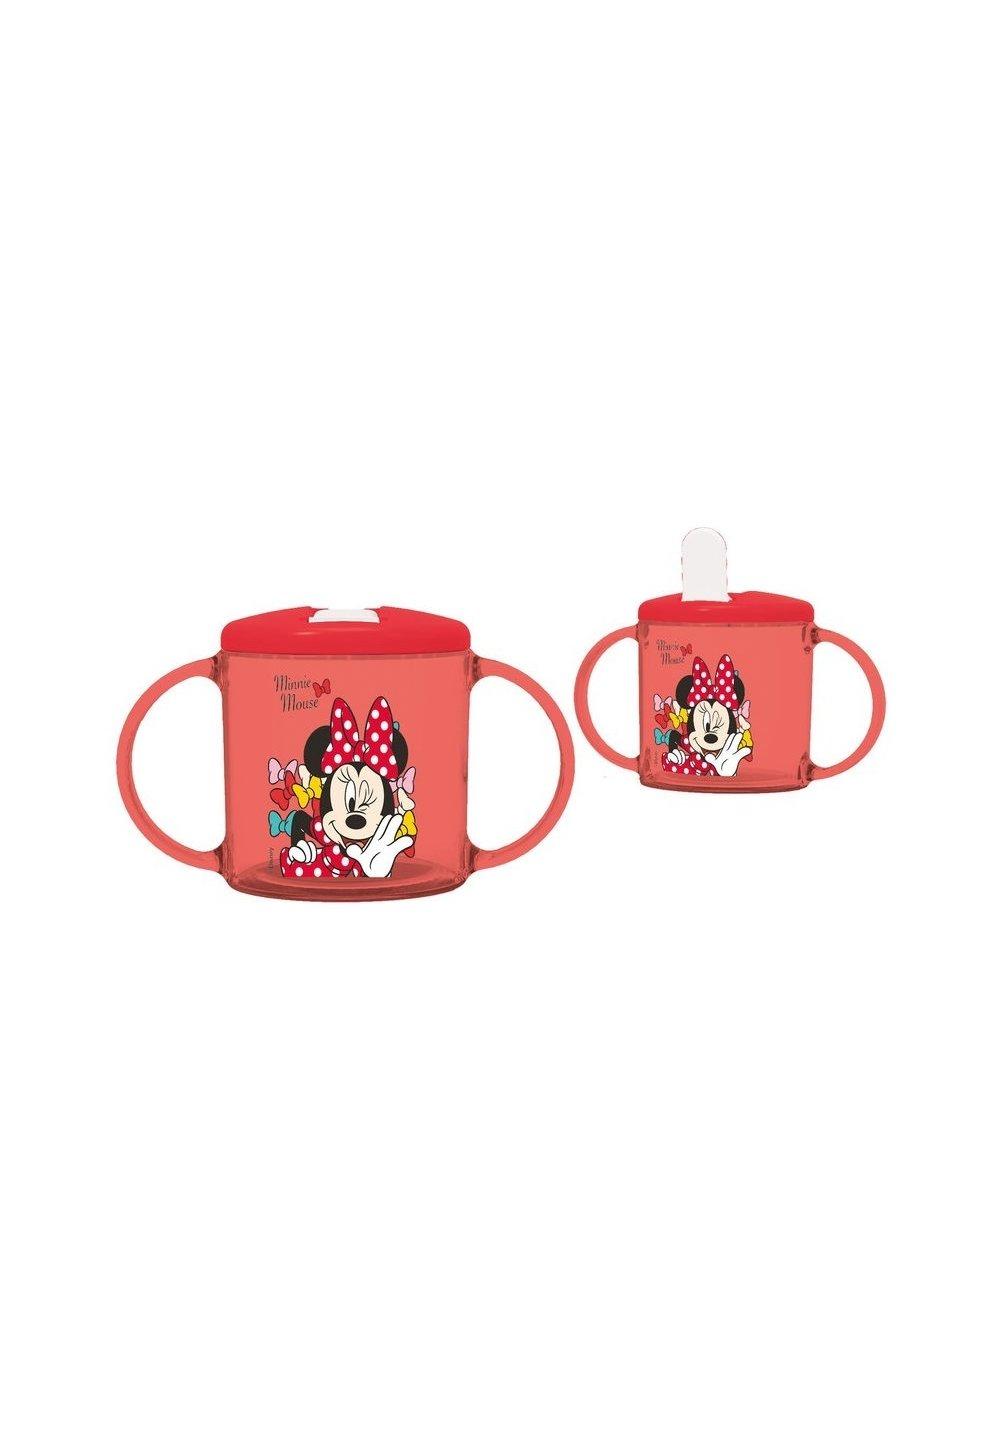 Cana cu cioc, Minnie Mouse, rosie imagine